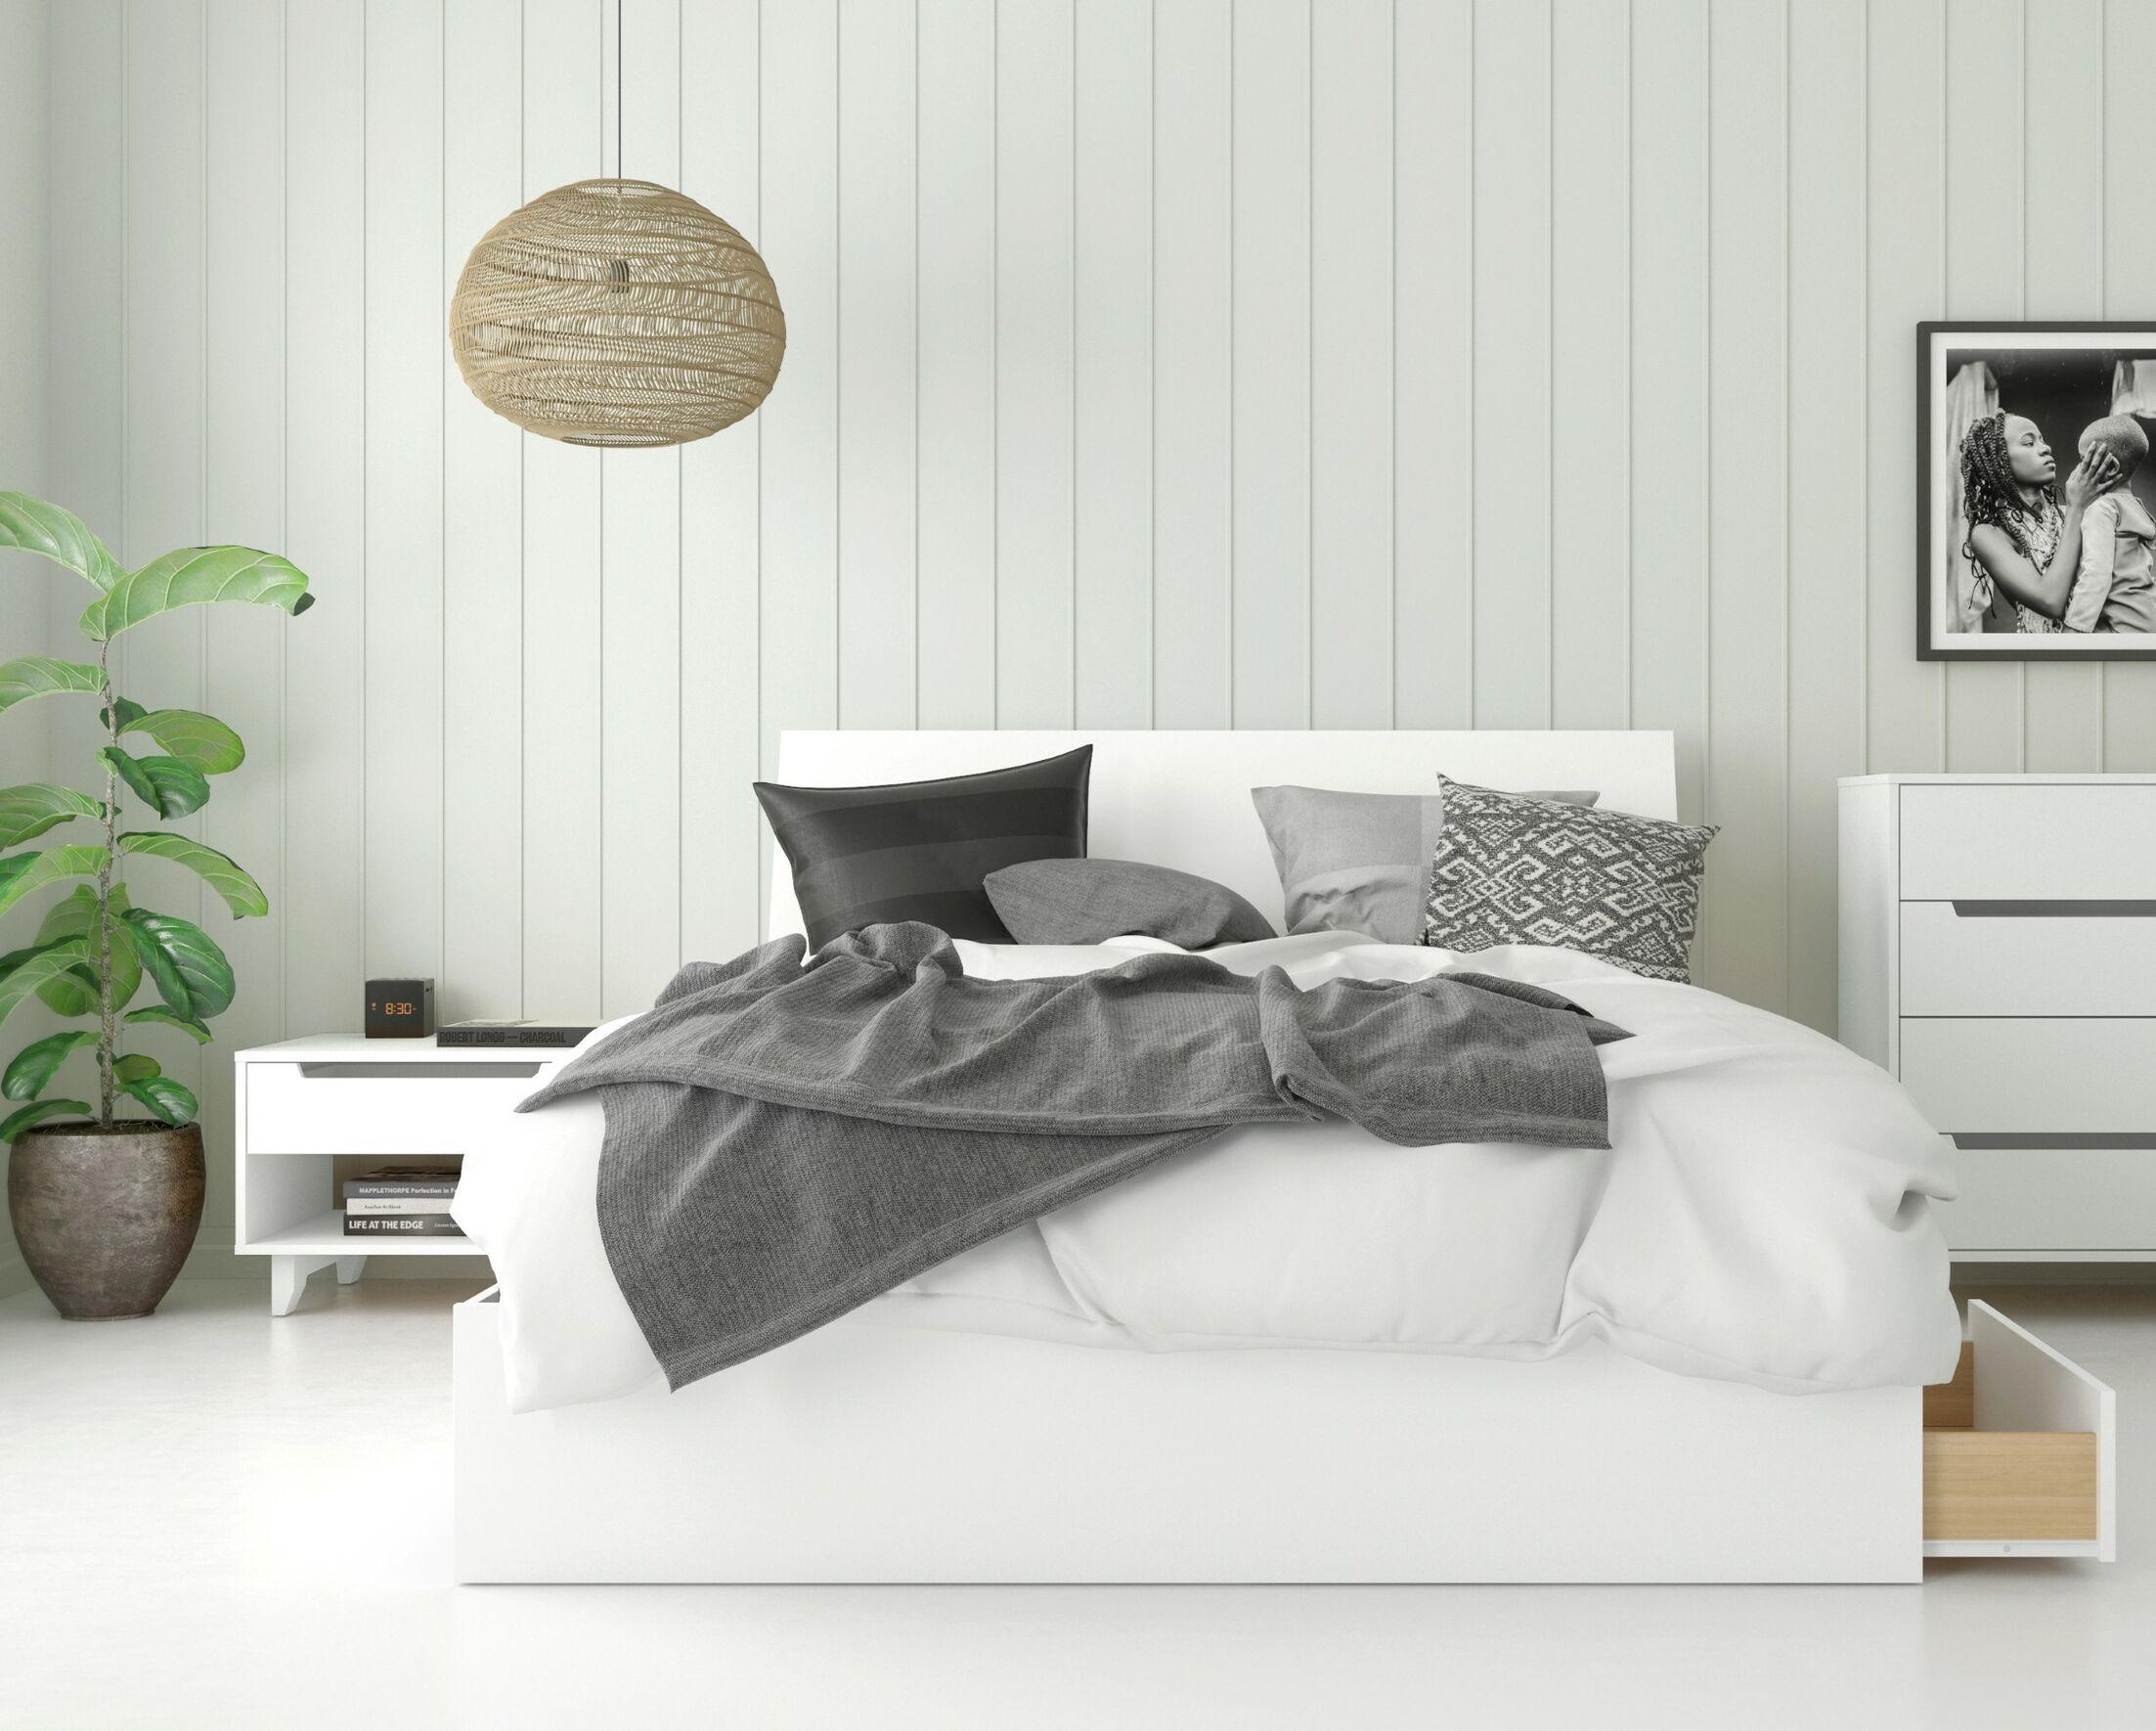 Mehar Platform 3 Piece Bedroom Set Size: Queen, Color: Natural Maple/White